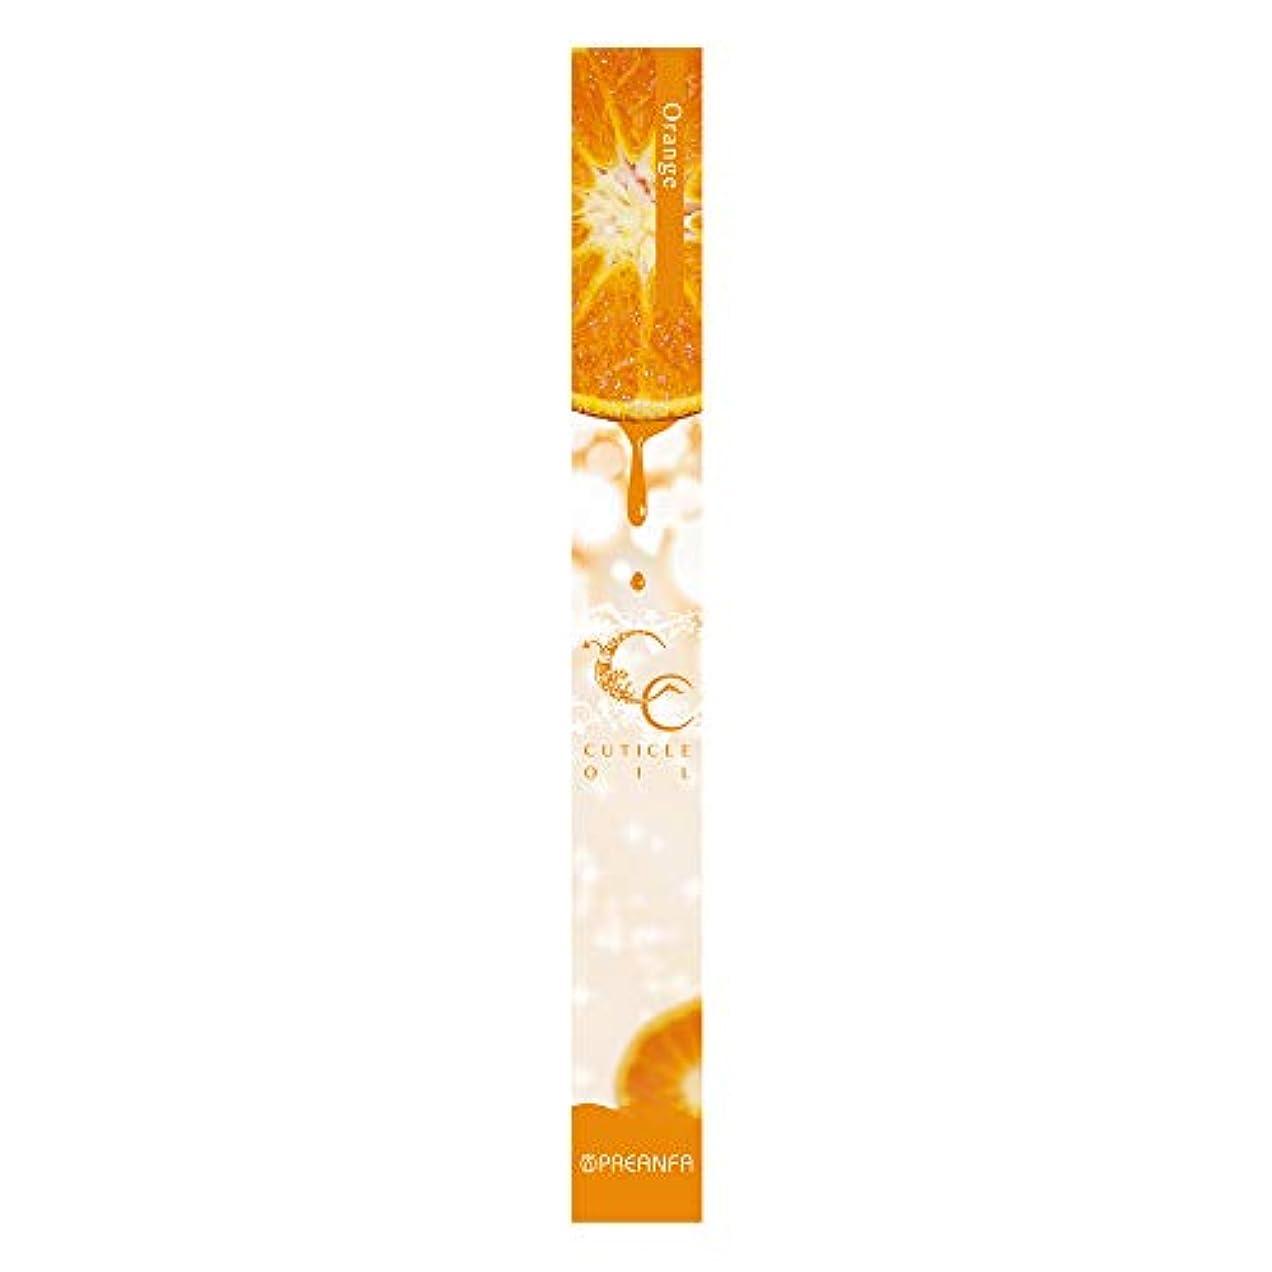 スプーン残るコンテンツプリジェル 甘皮ケア CCキューティクルオイル オレンジ 4.5g 保湿オイル ペンタイプ